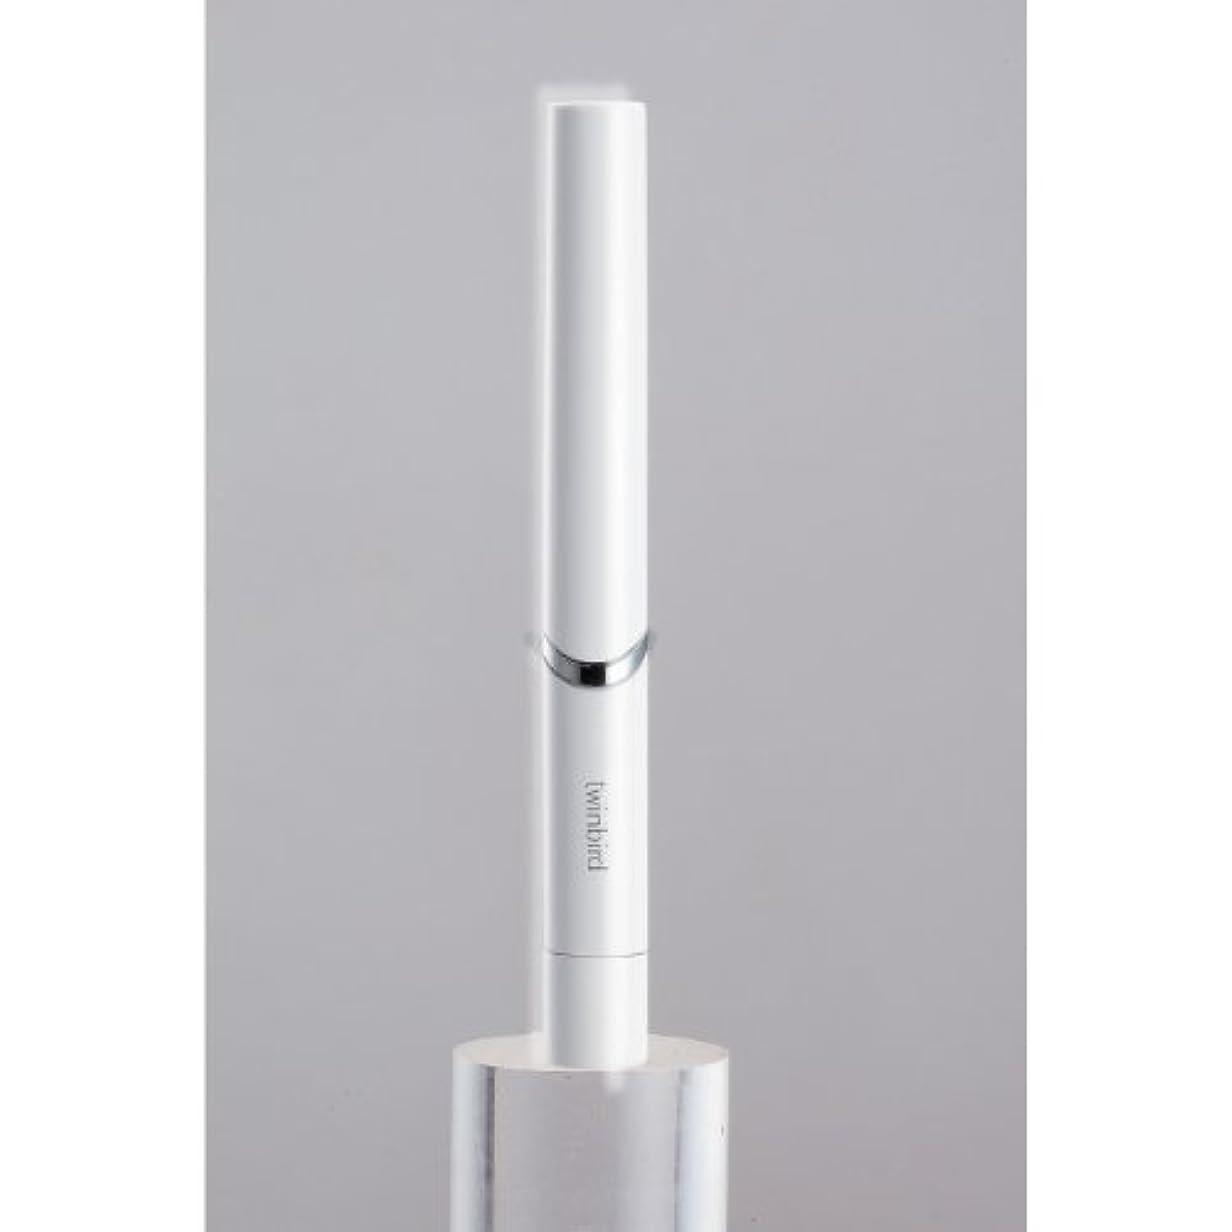 ブロッサム軍医薬ツインバード 音波振動式歯ブラシ BD-2741 ホワイト?BD-2741W